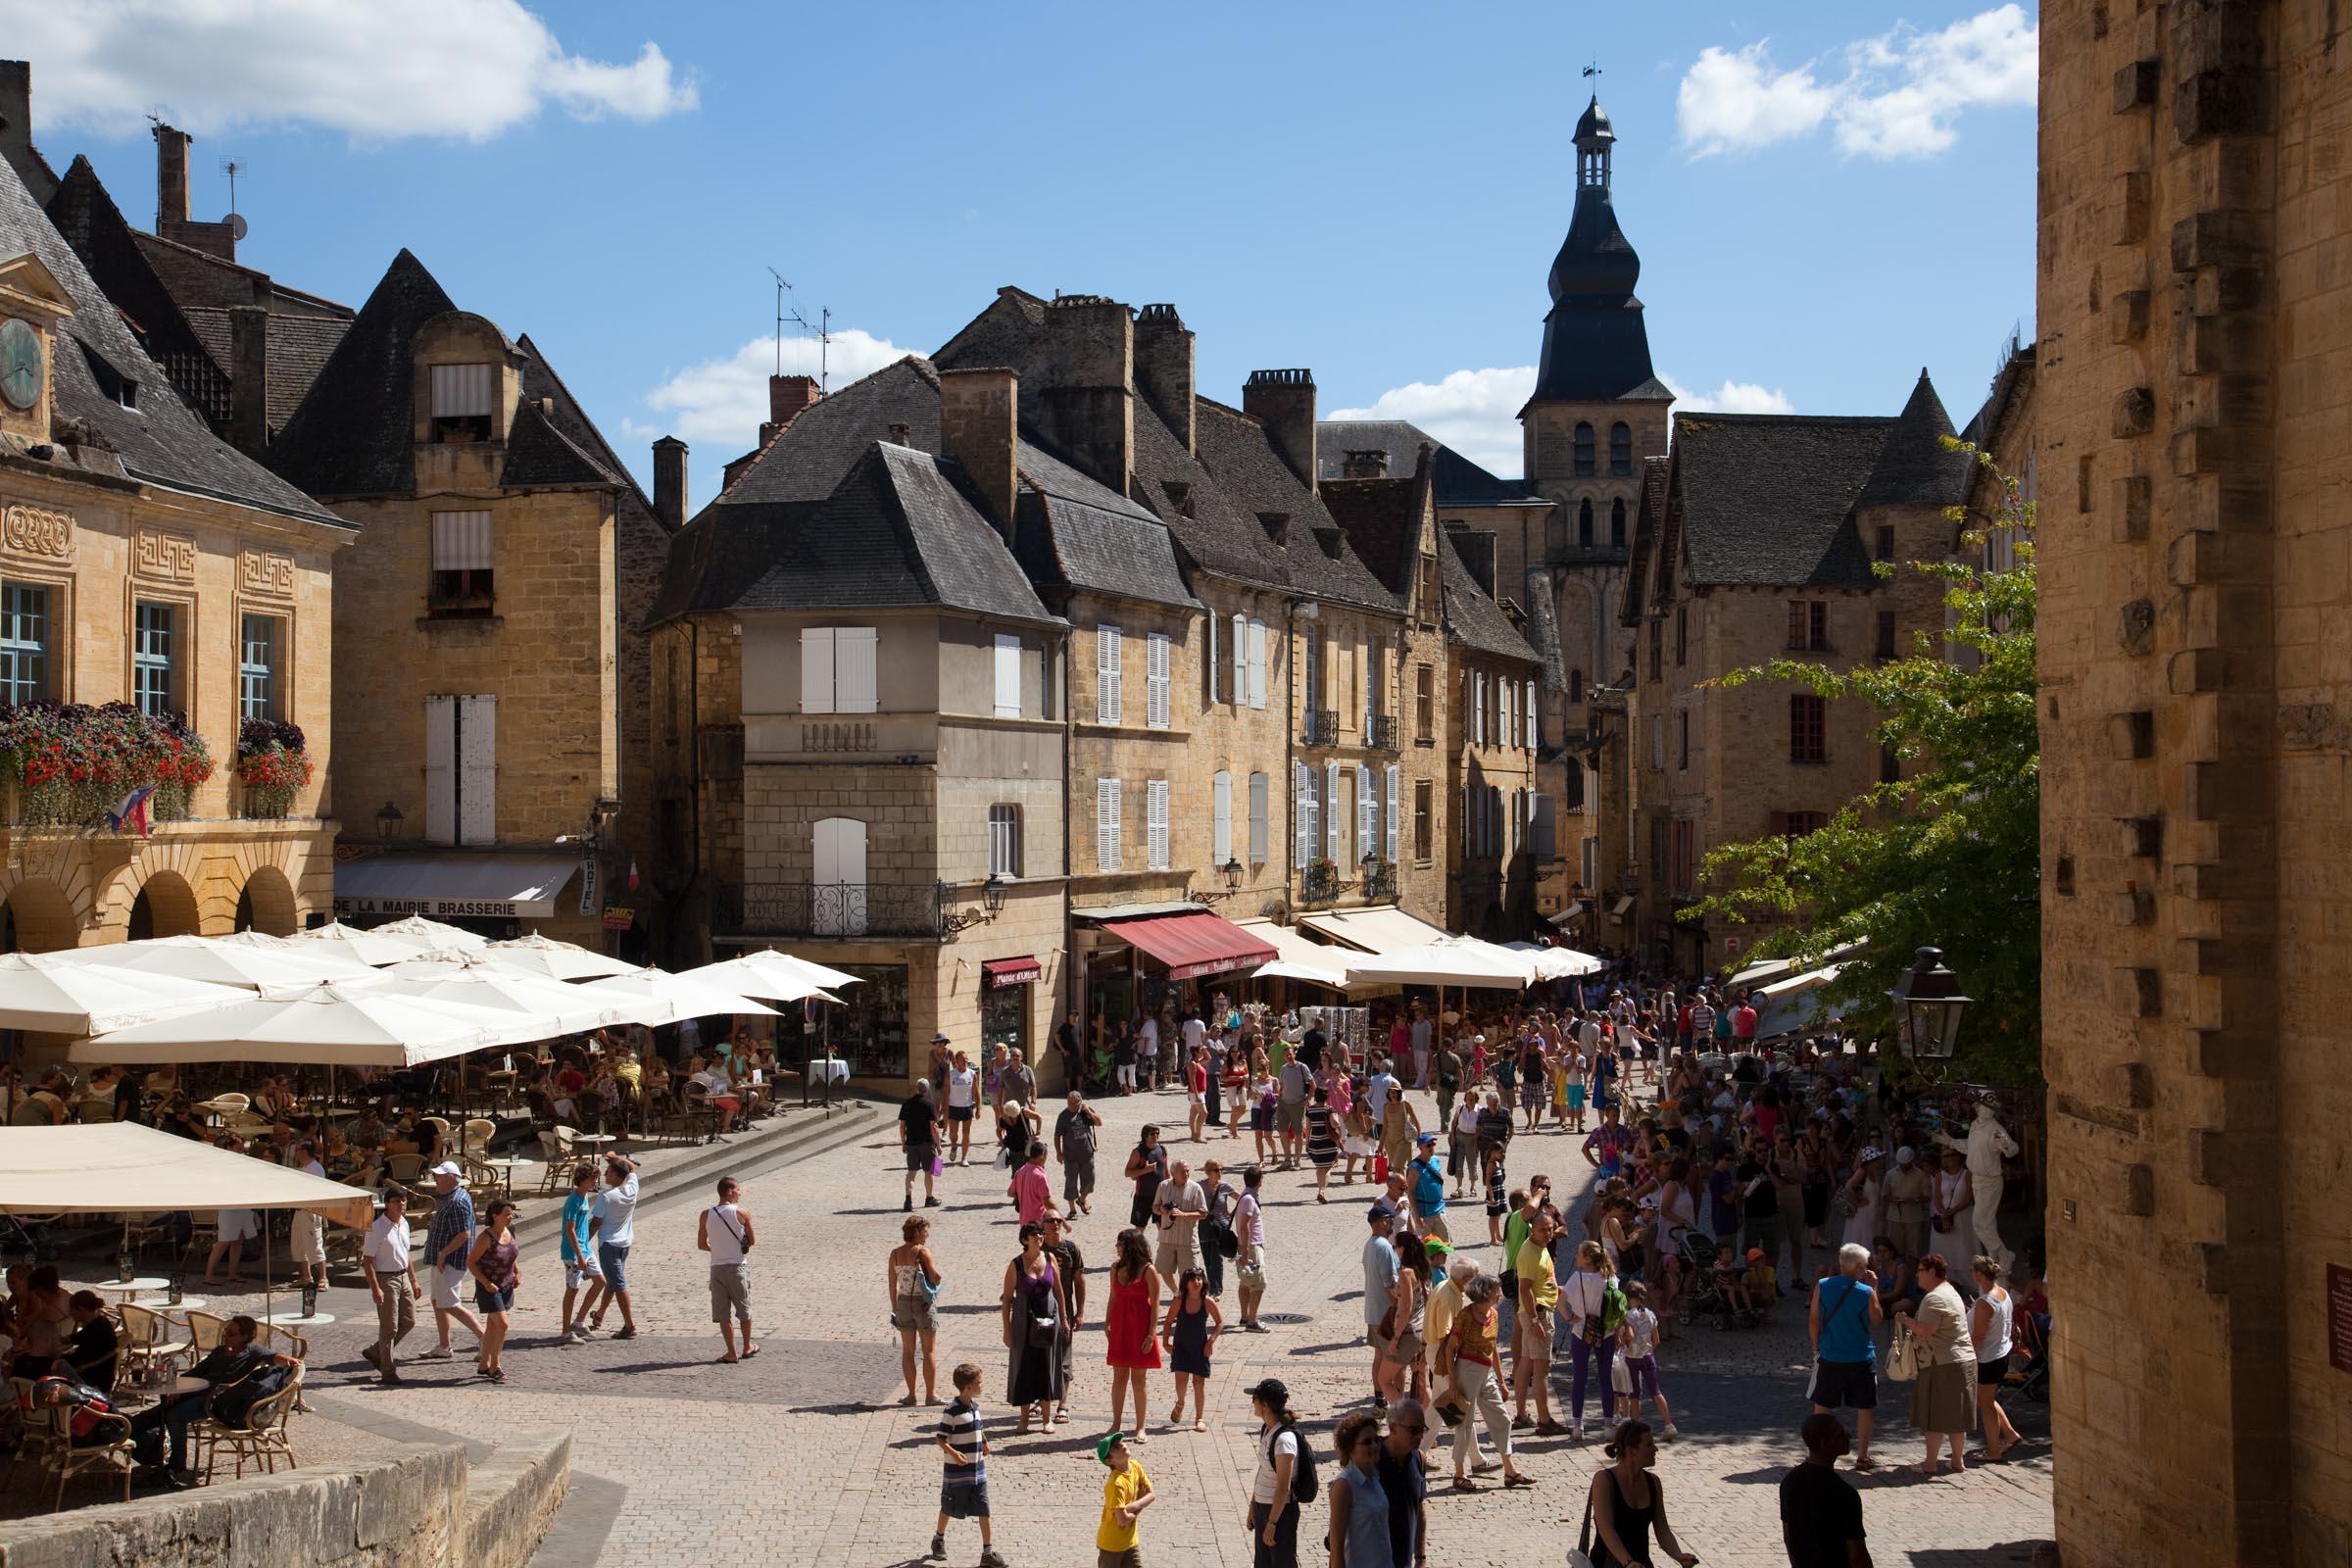 image from Place de La Famille